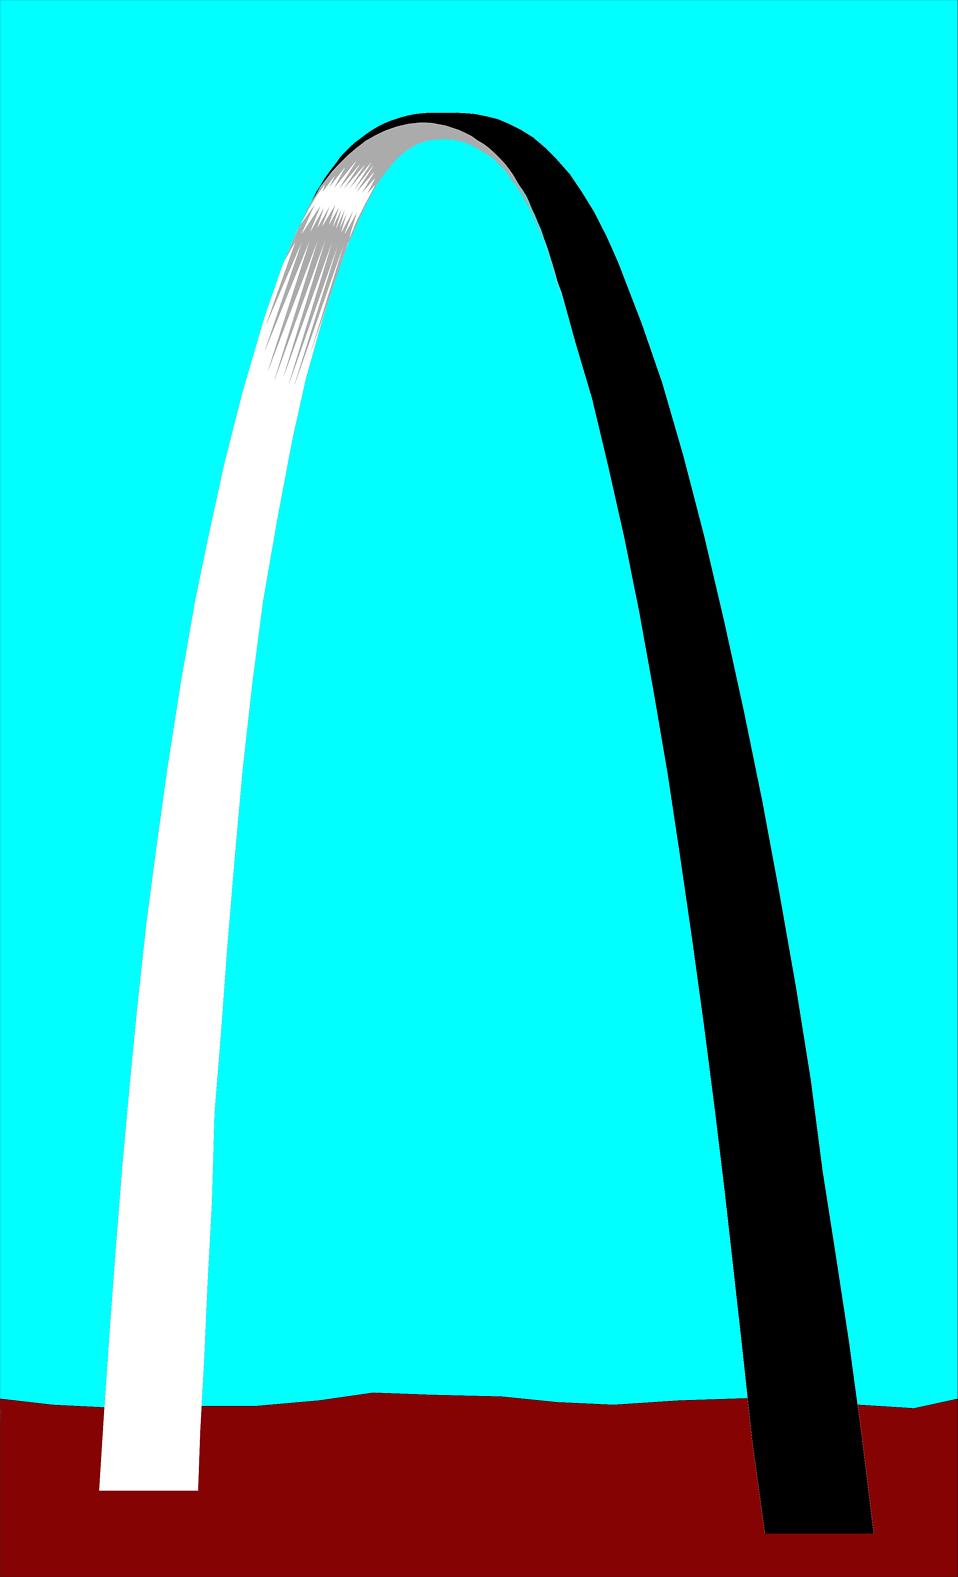 St louis arch clip art free.